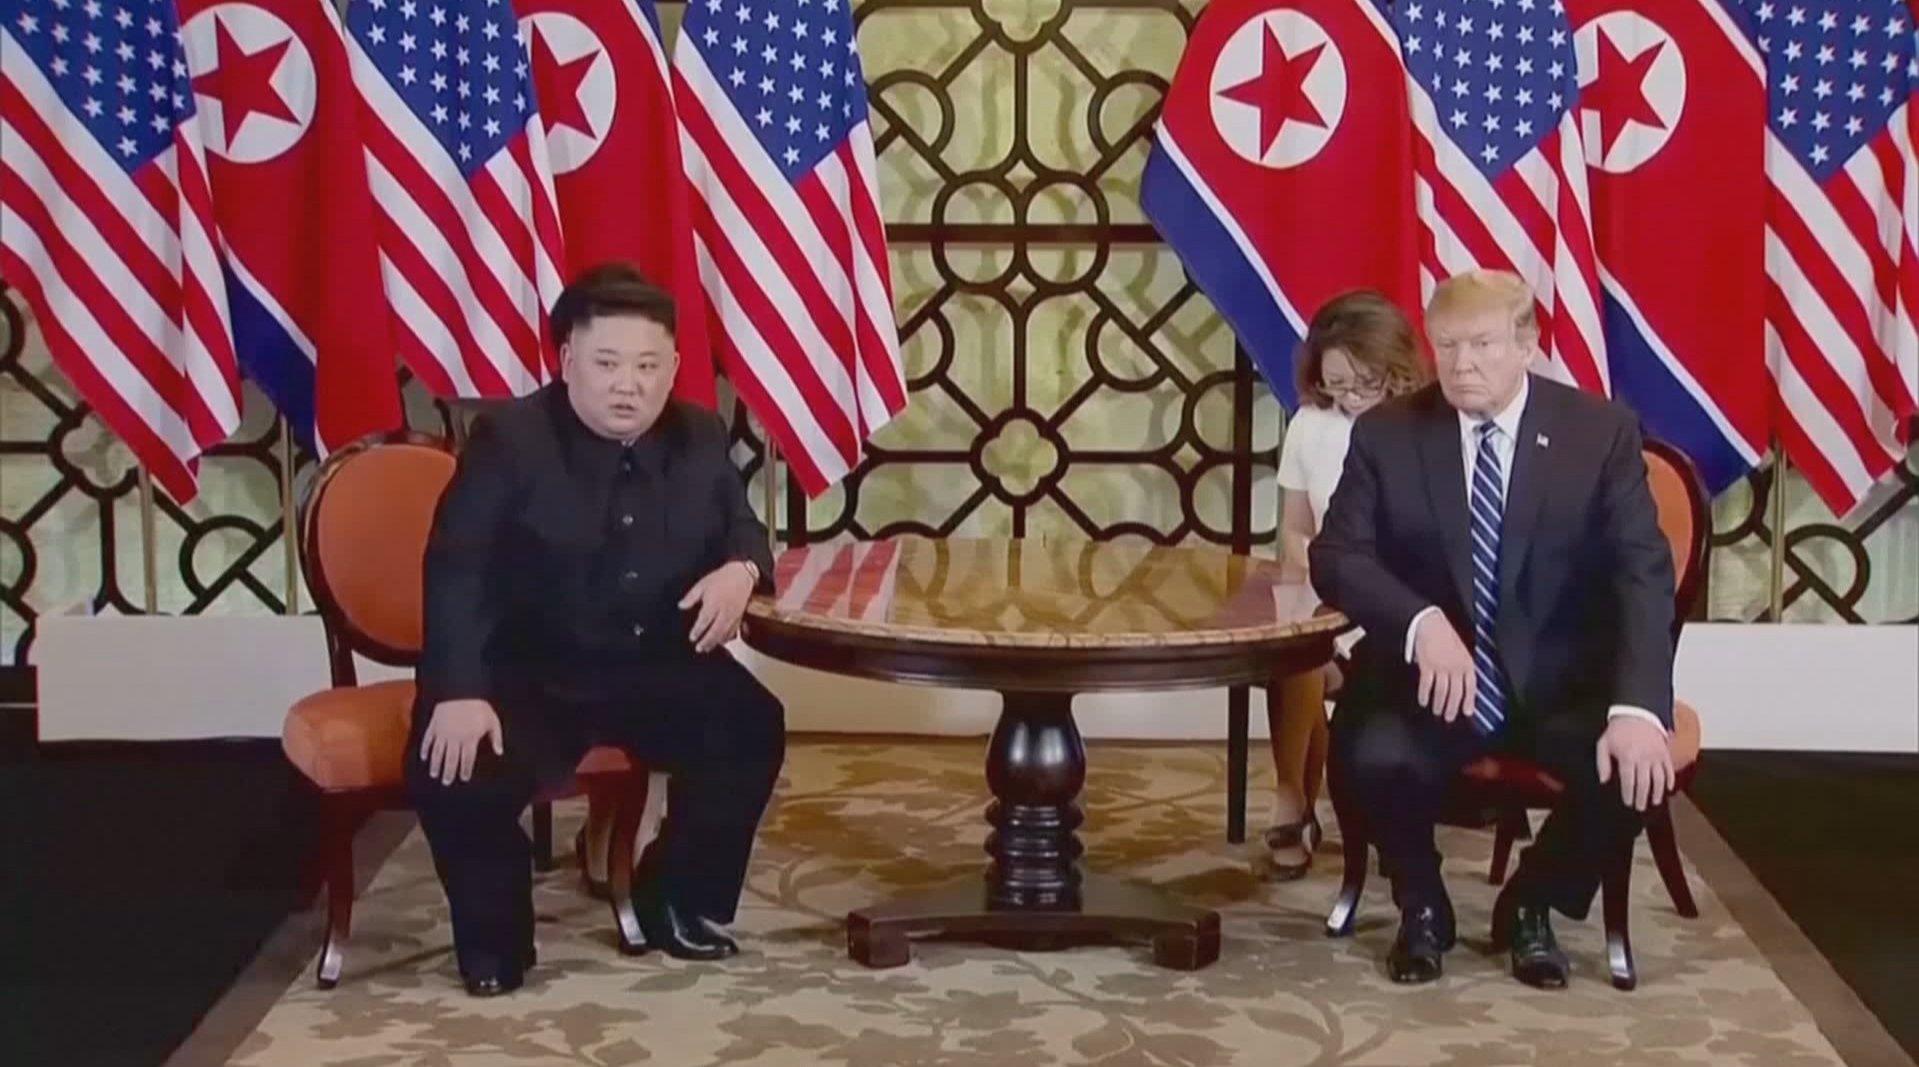 李开盛:特朗普政府对朝鲜缺乏了解 屡屡误判朝方意图